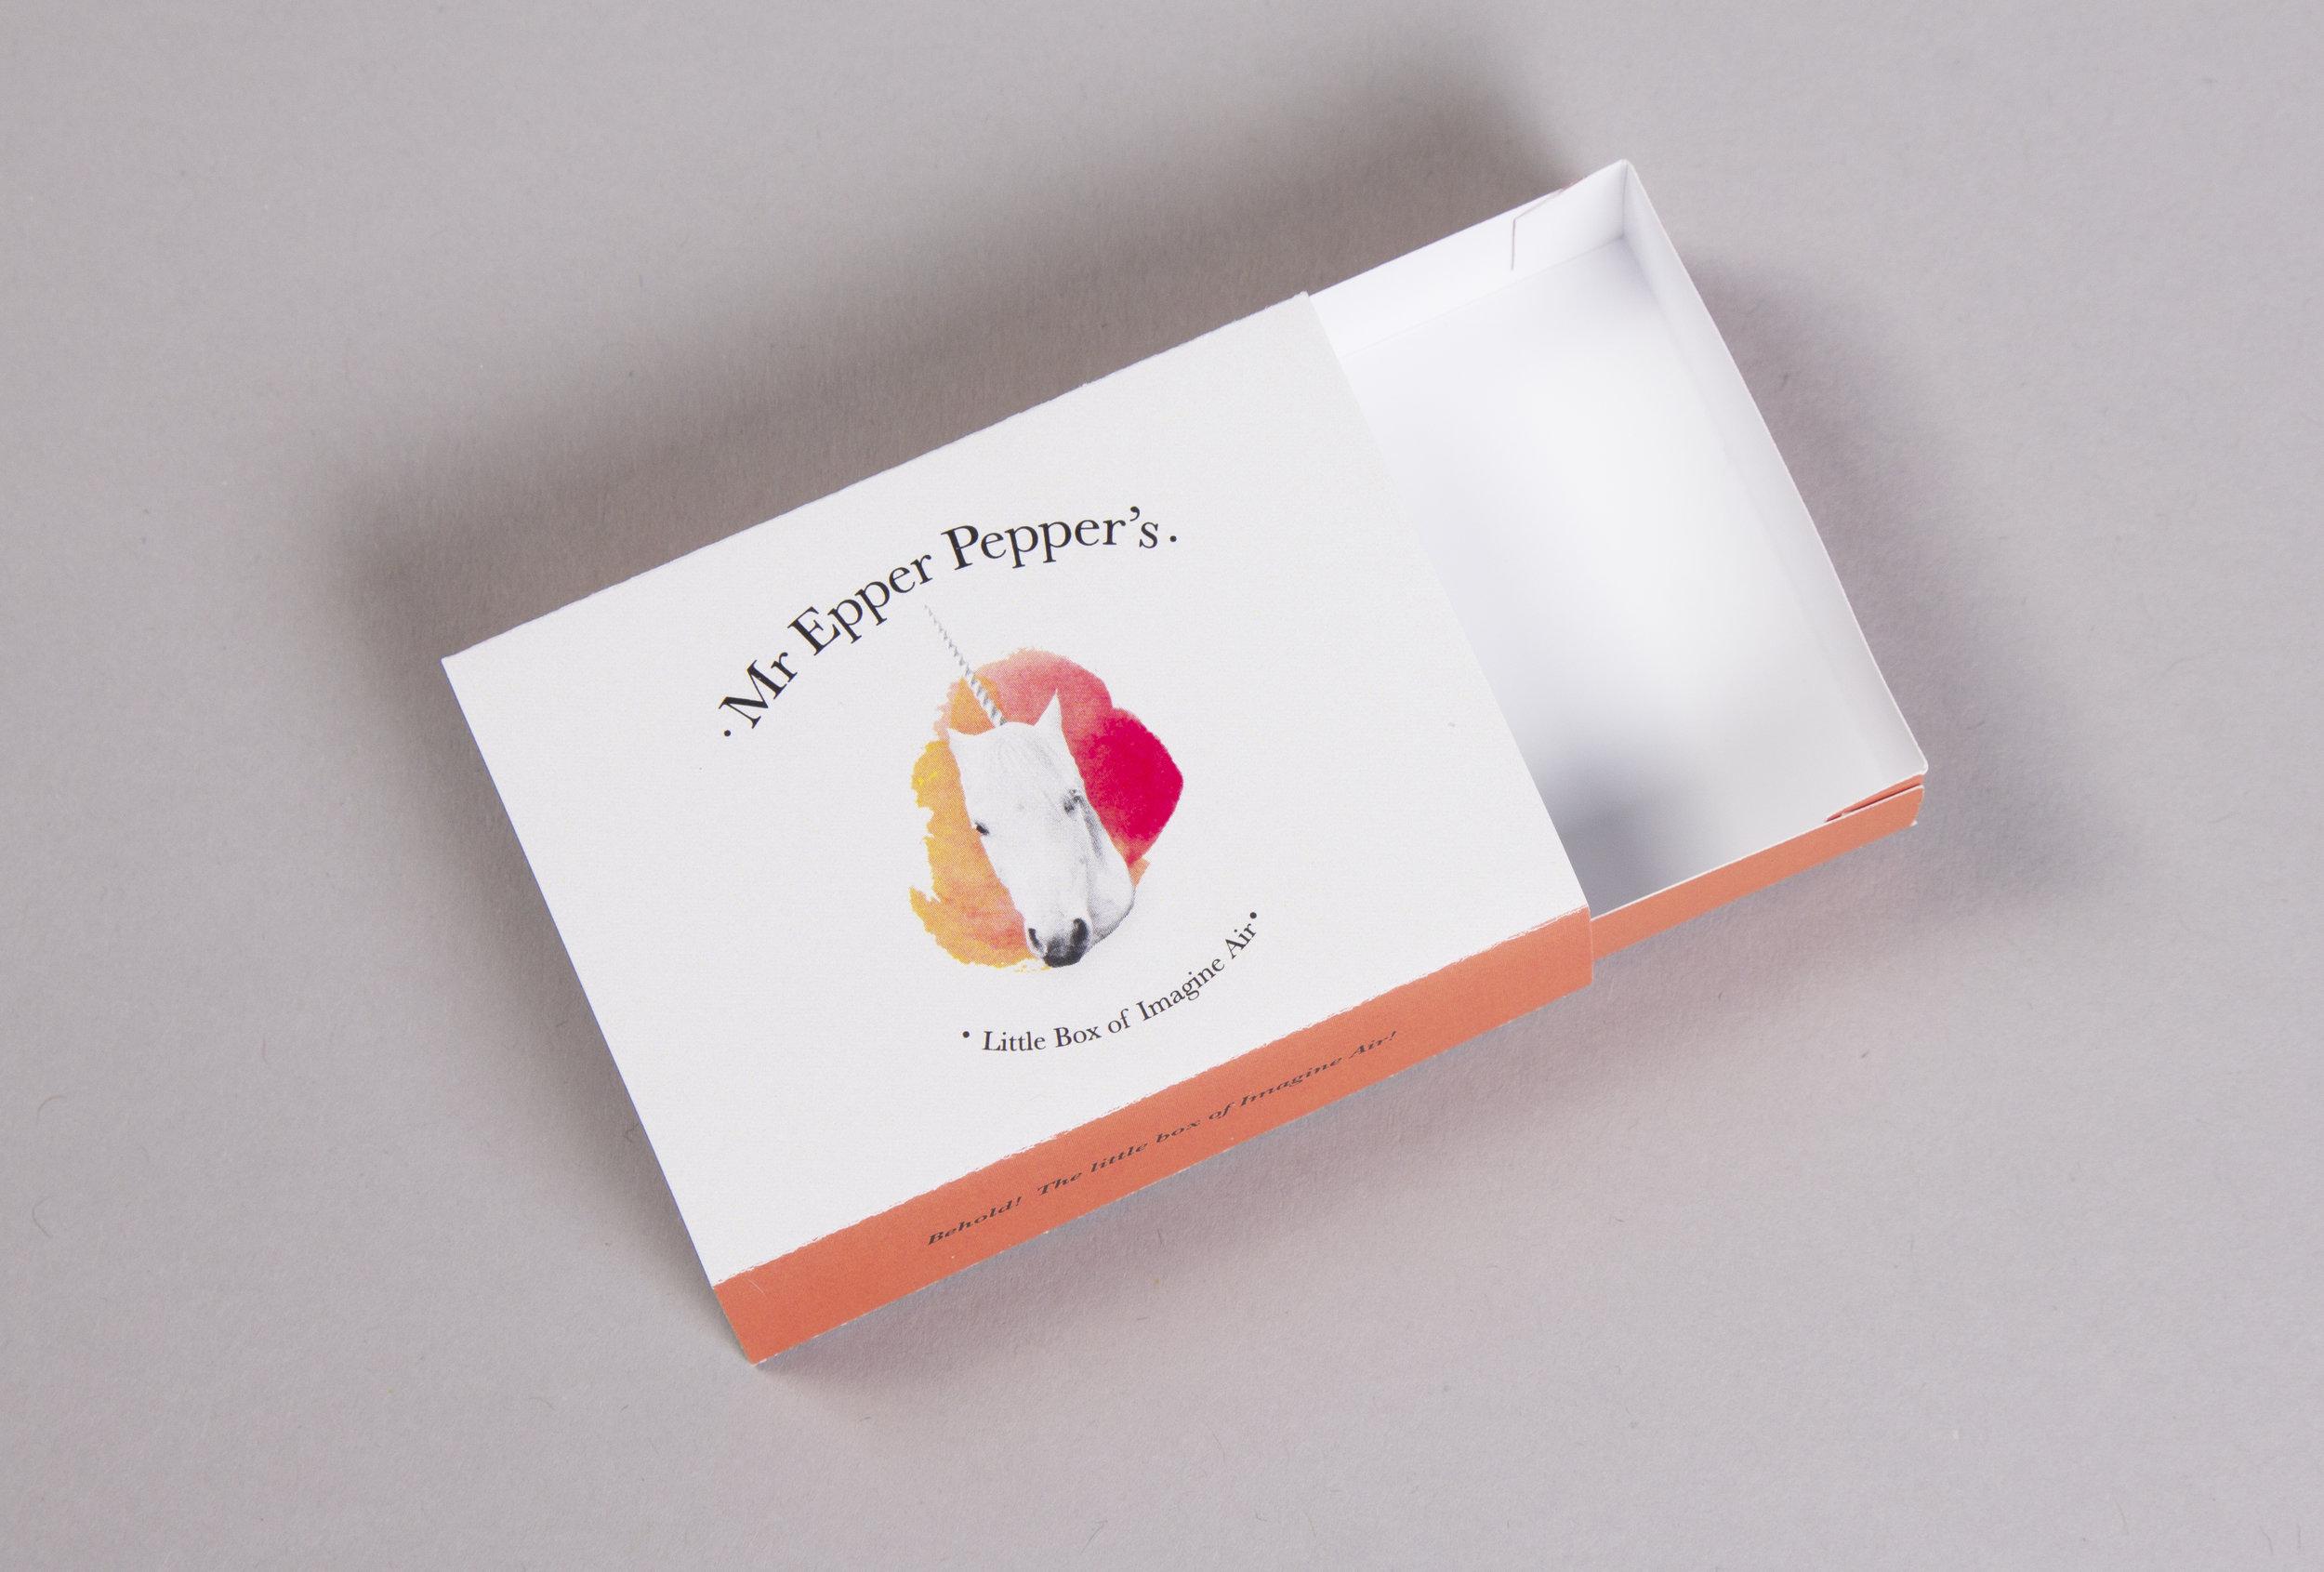 Epper Pepper Single Box.jpg